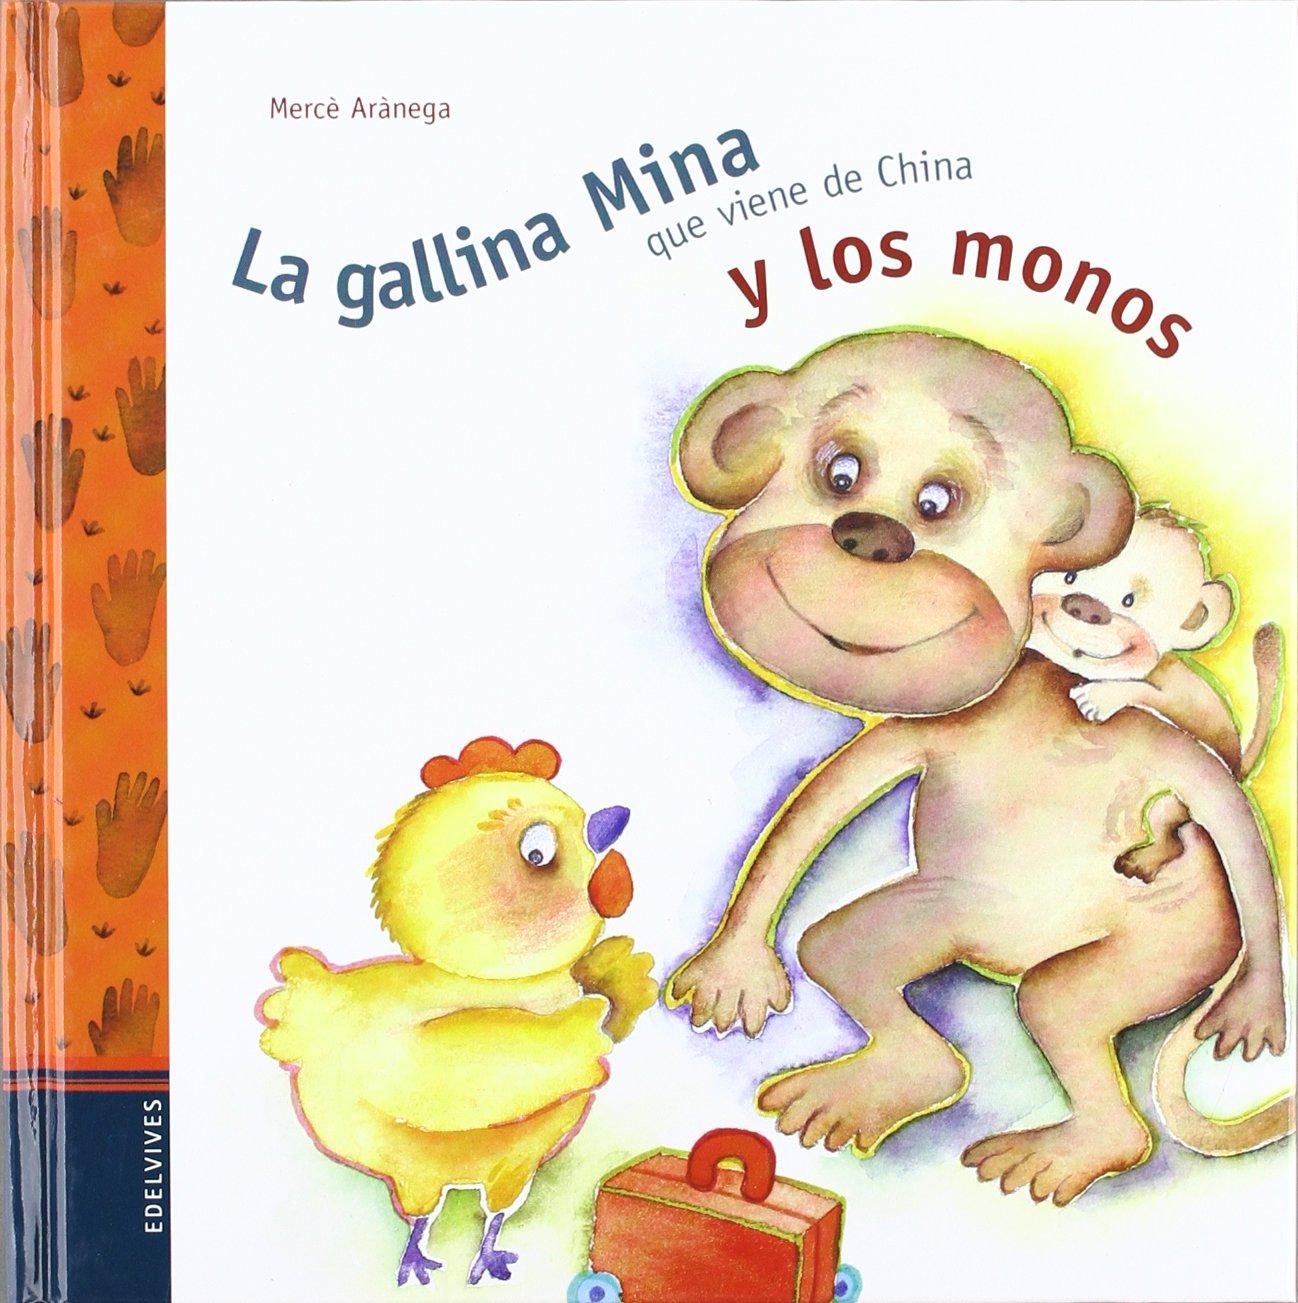 La gallina Mina que viene de China y los monos (Spanish) Hardcover – January 1, 1900